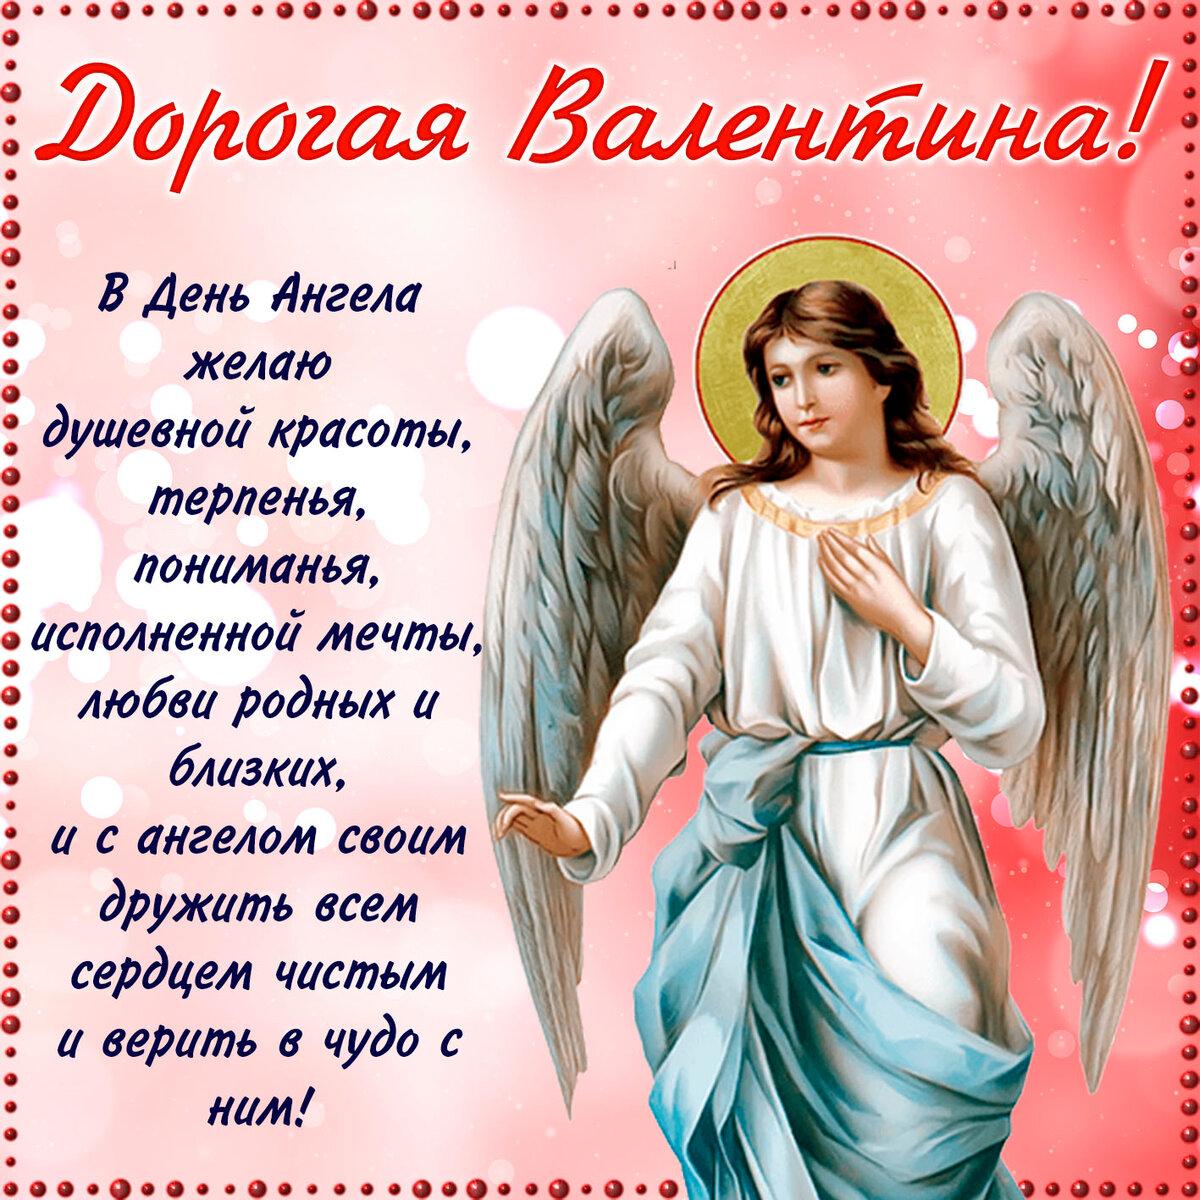 Поздравление с днем ангела для племянницы